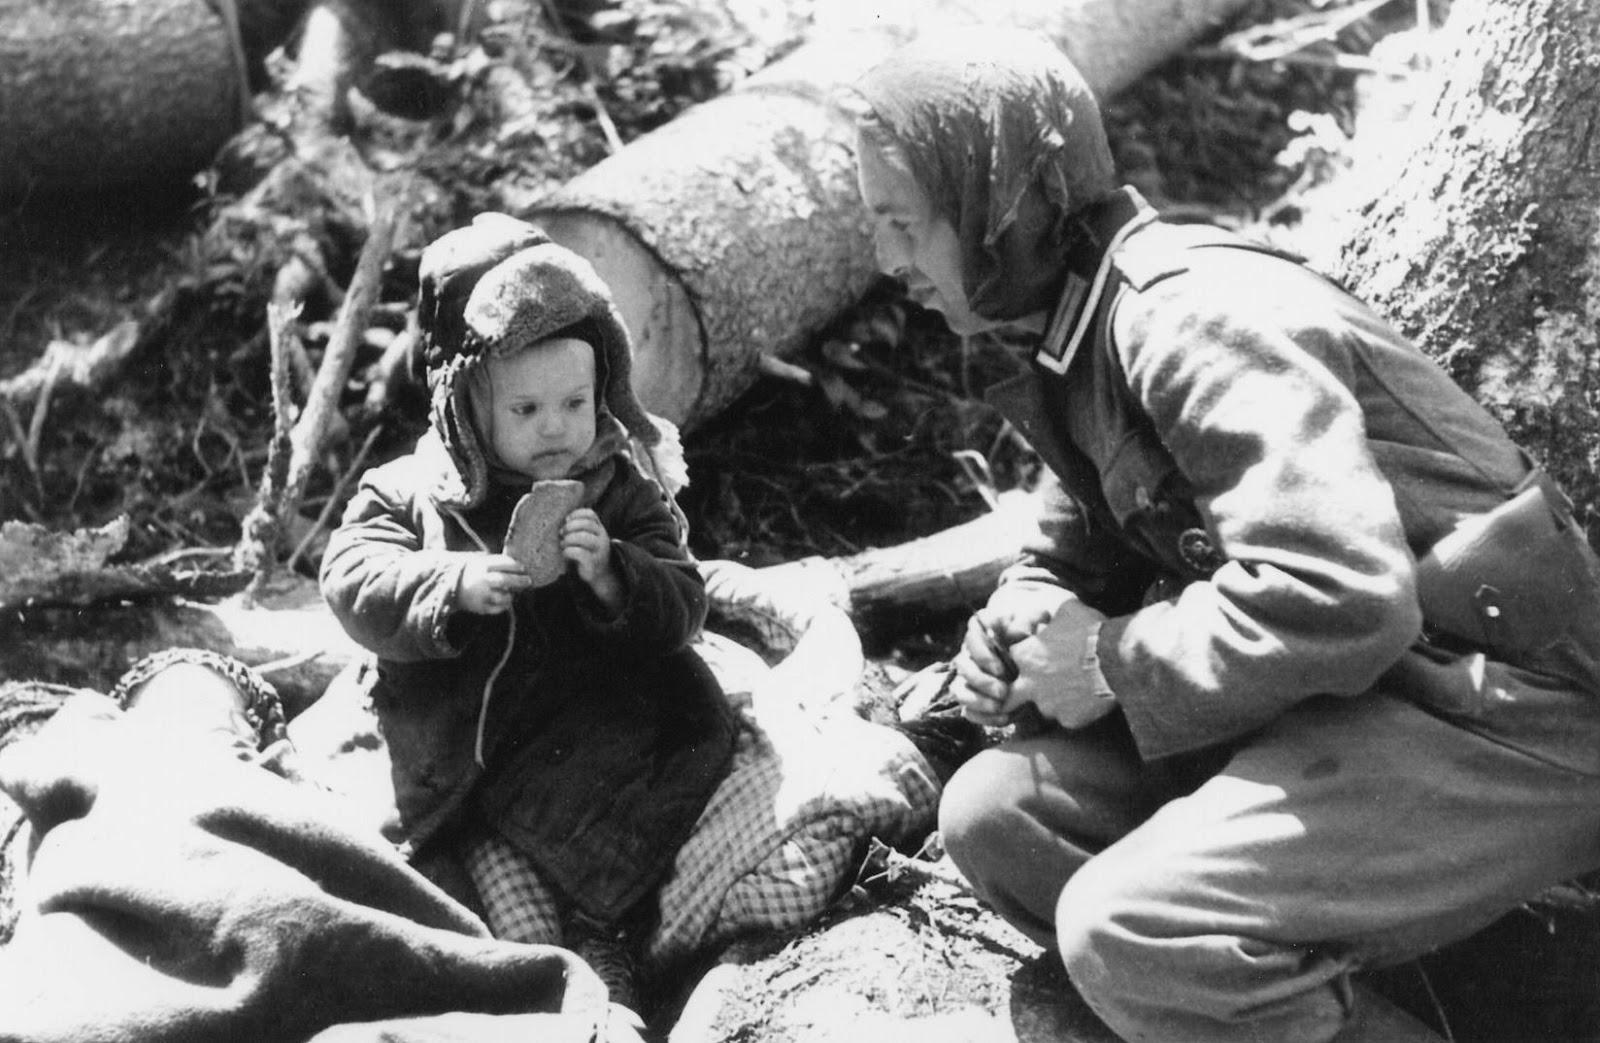 Soldado alemán dando pan a un niño ruso huérfano. Área de Volkhov, 1942